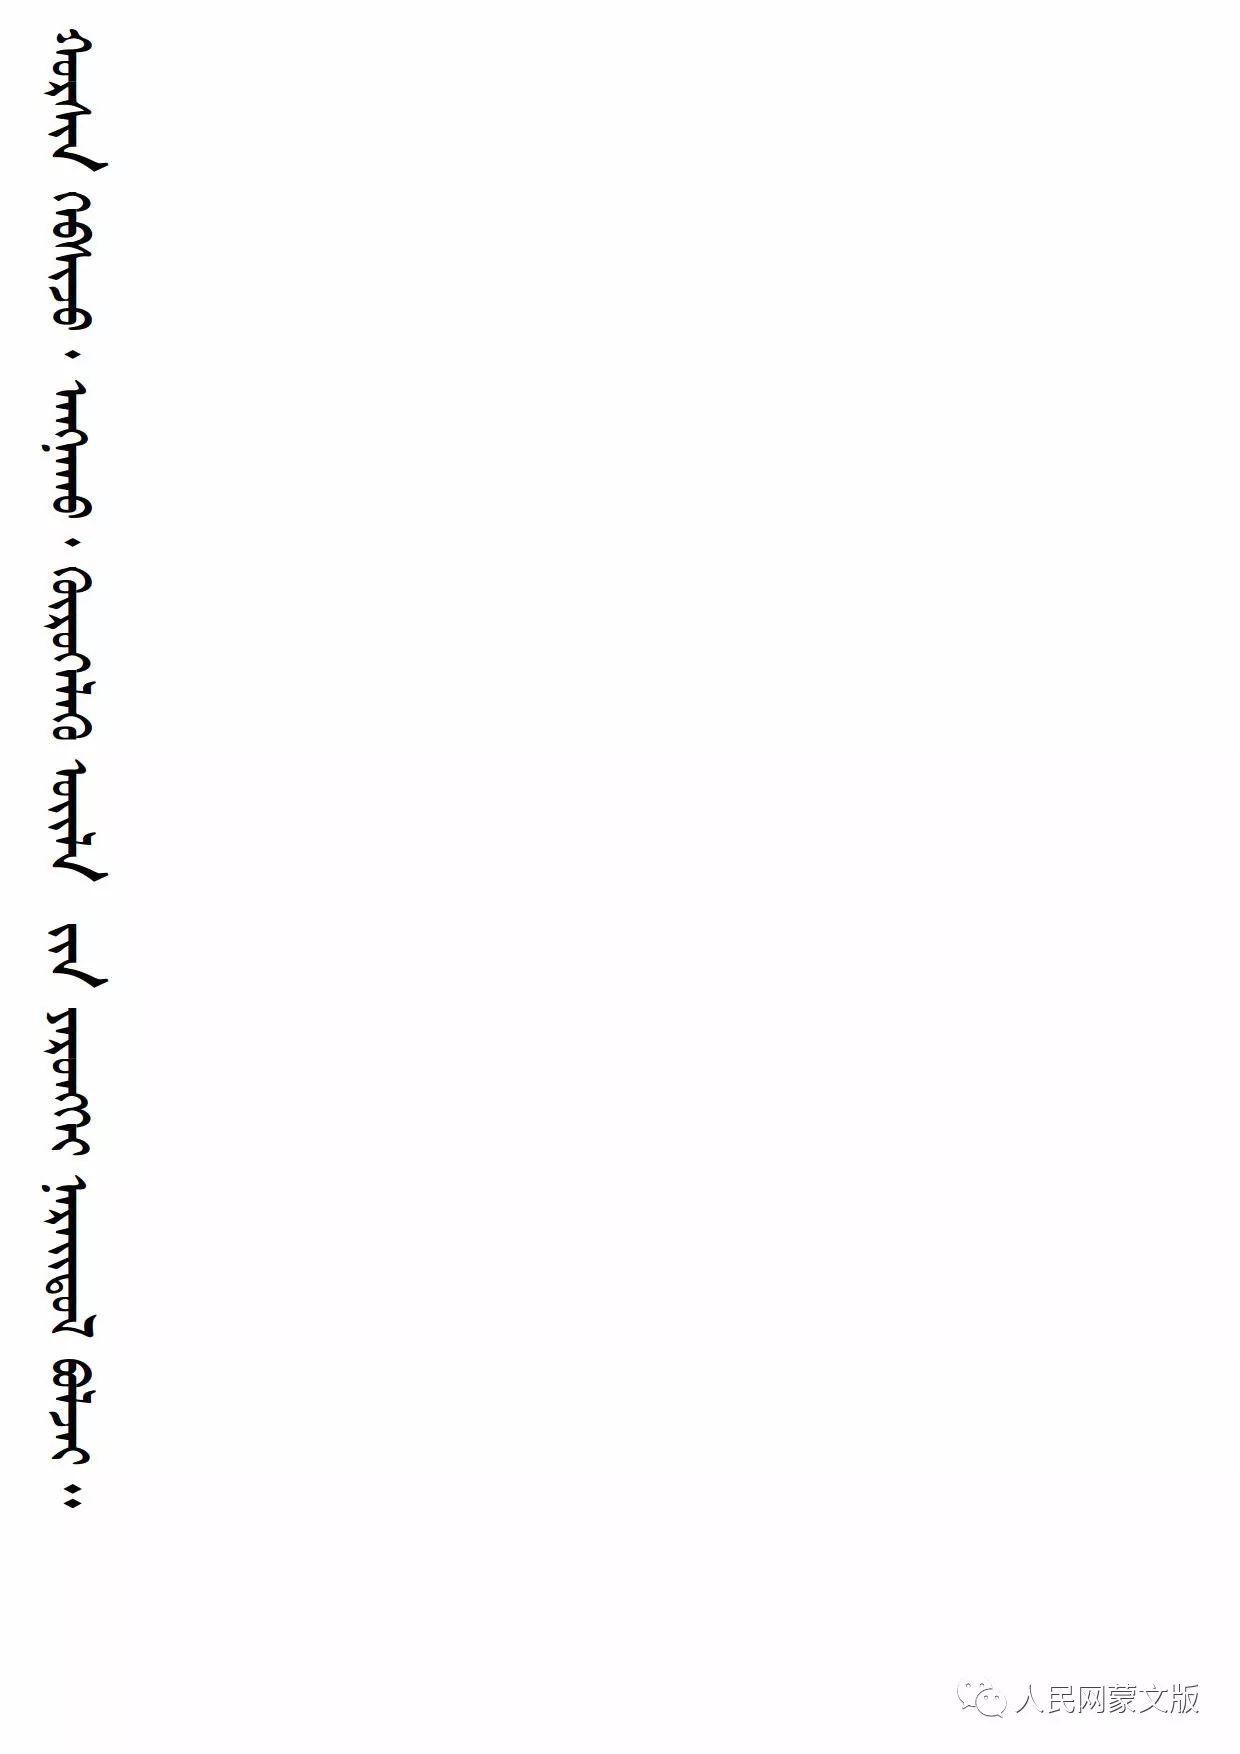 蒙古民俗探源|有关蒙古族狩猎的专有名词 第10张